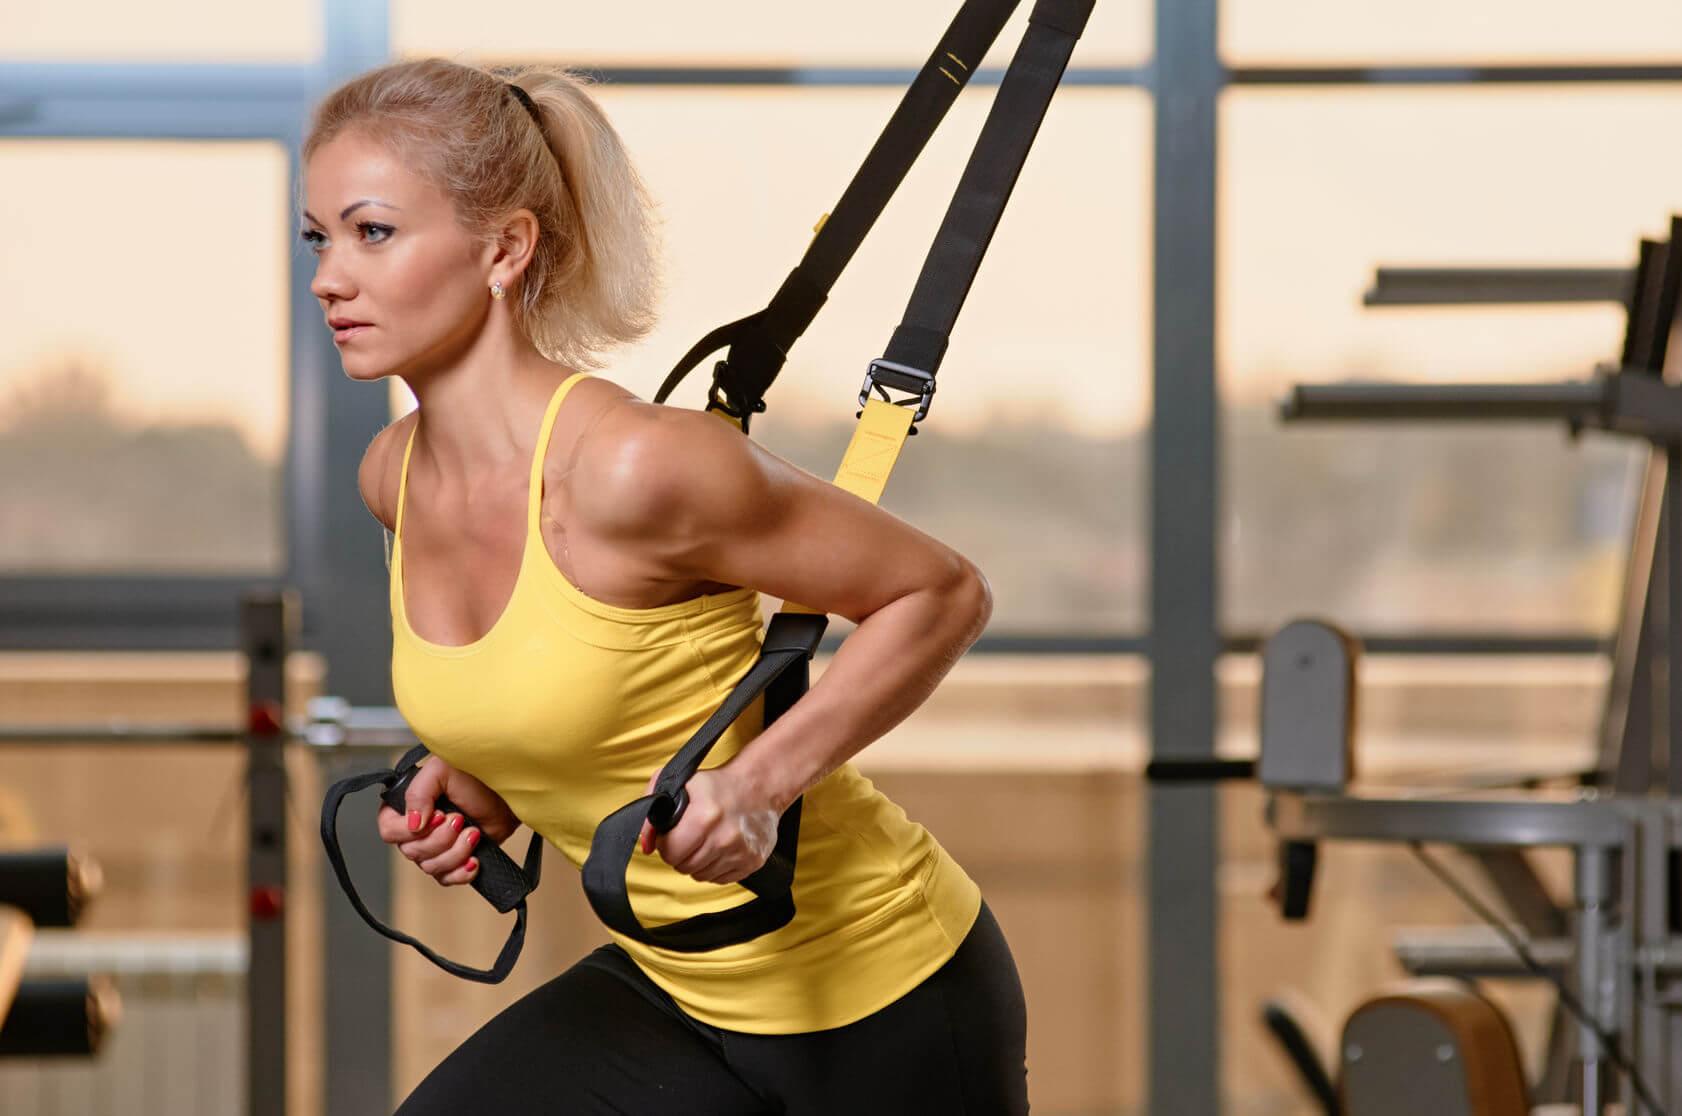 TRX-Training - Fit durch das eigene Körpergewicht